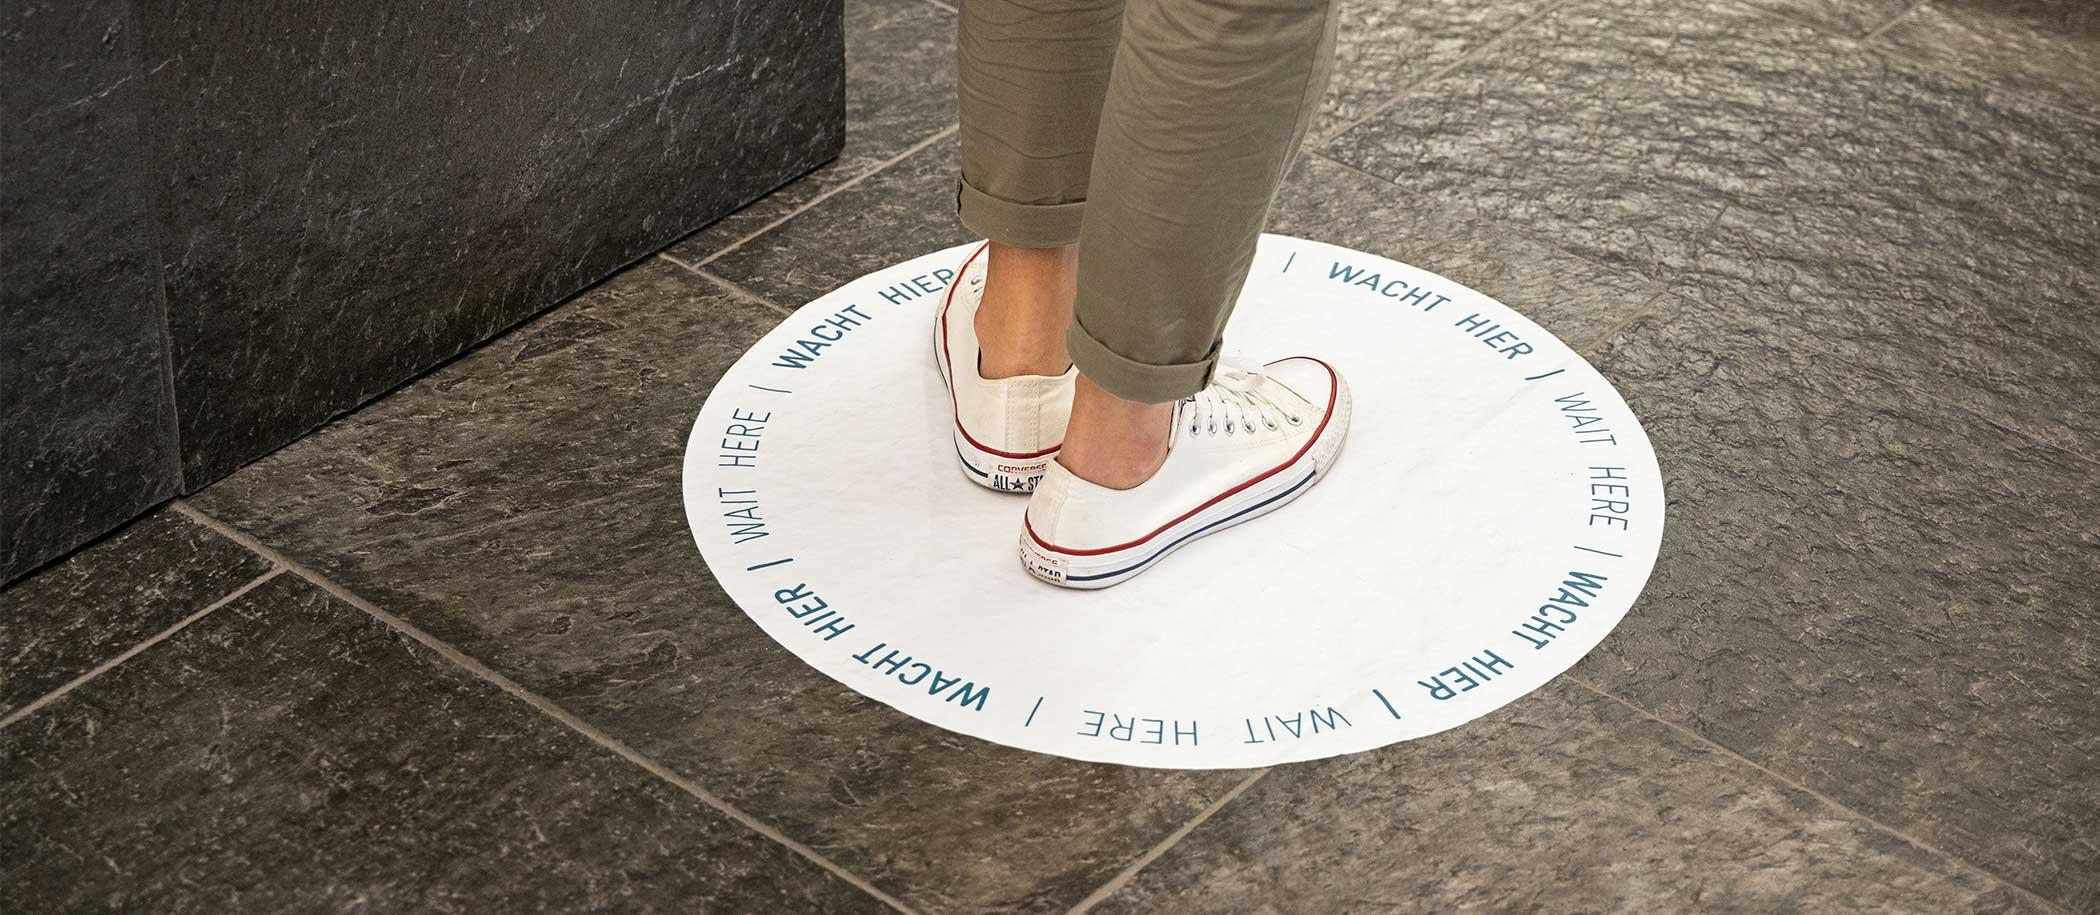 close up voeten op sticker op de vloer met de tekst 'wacht hier'